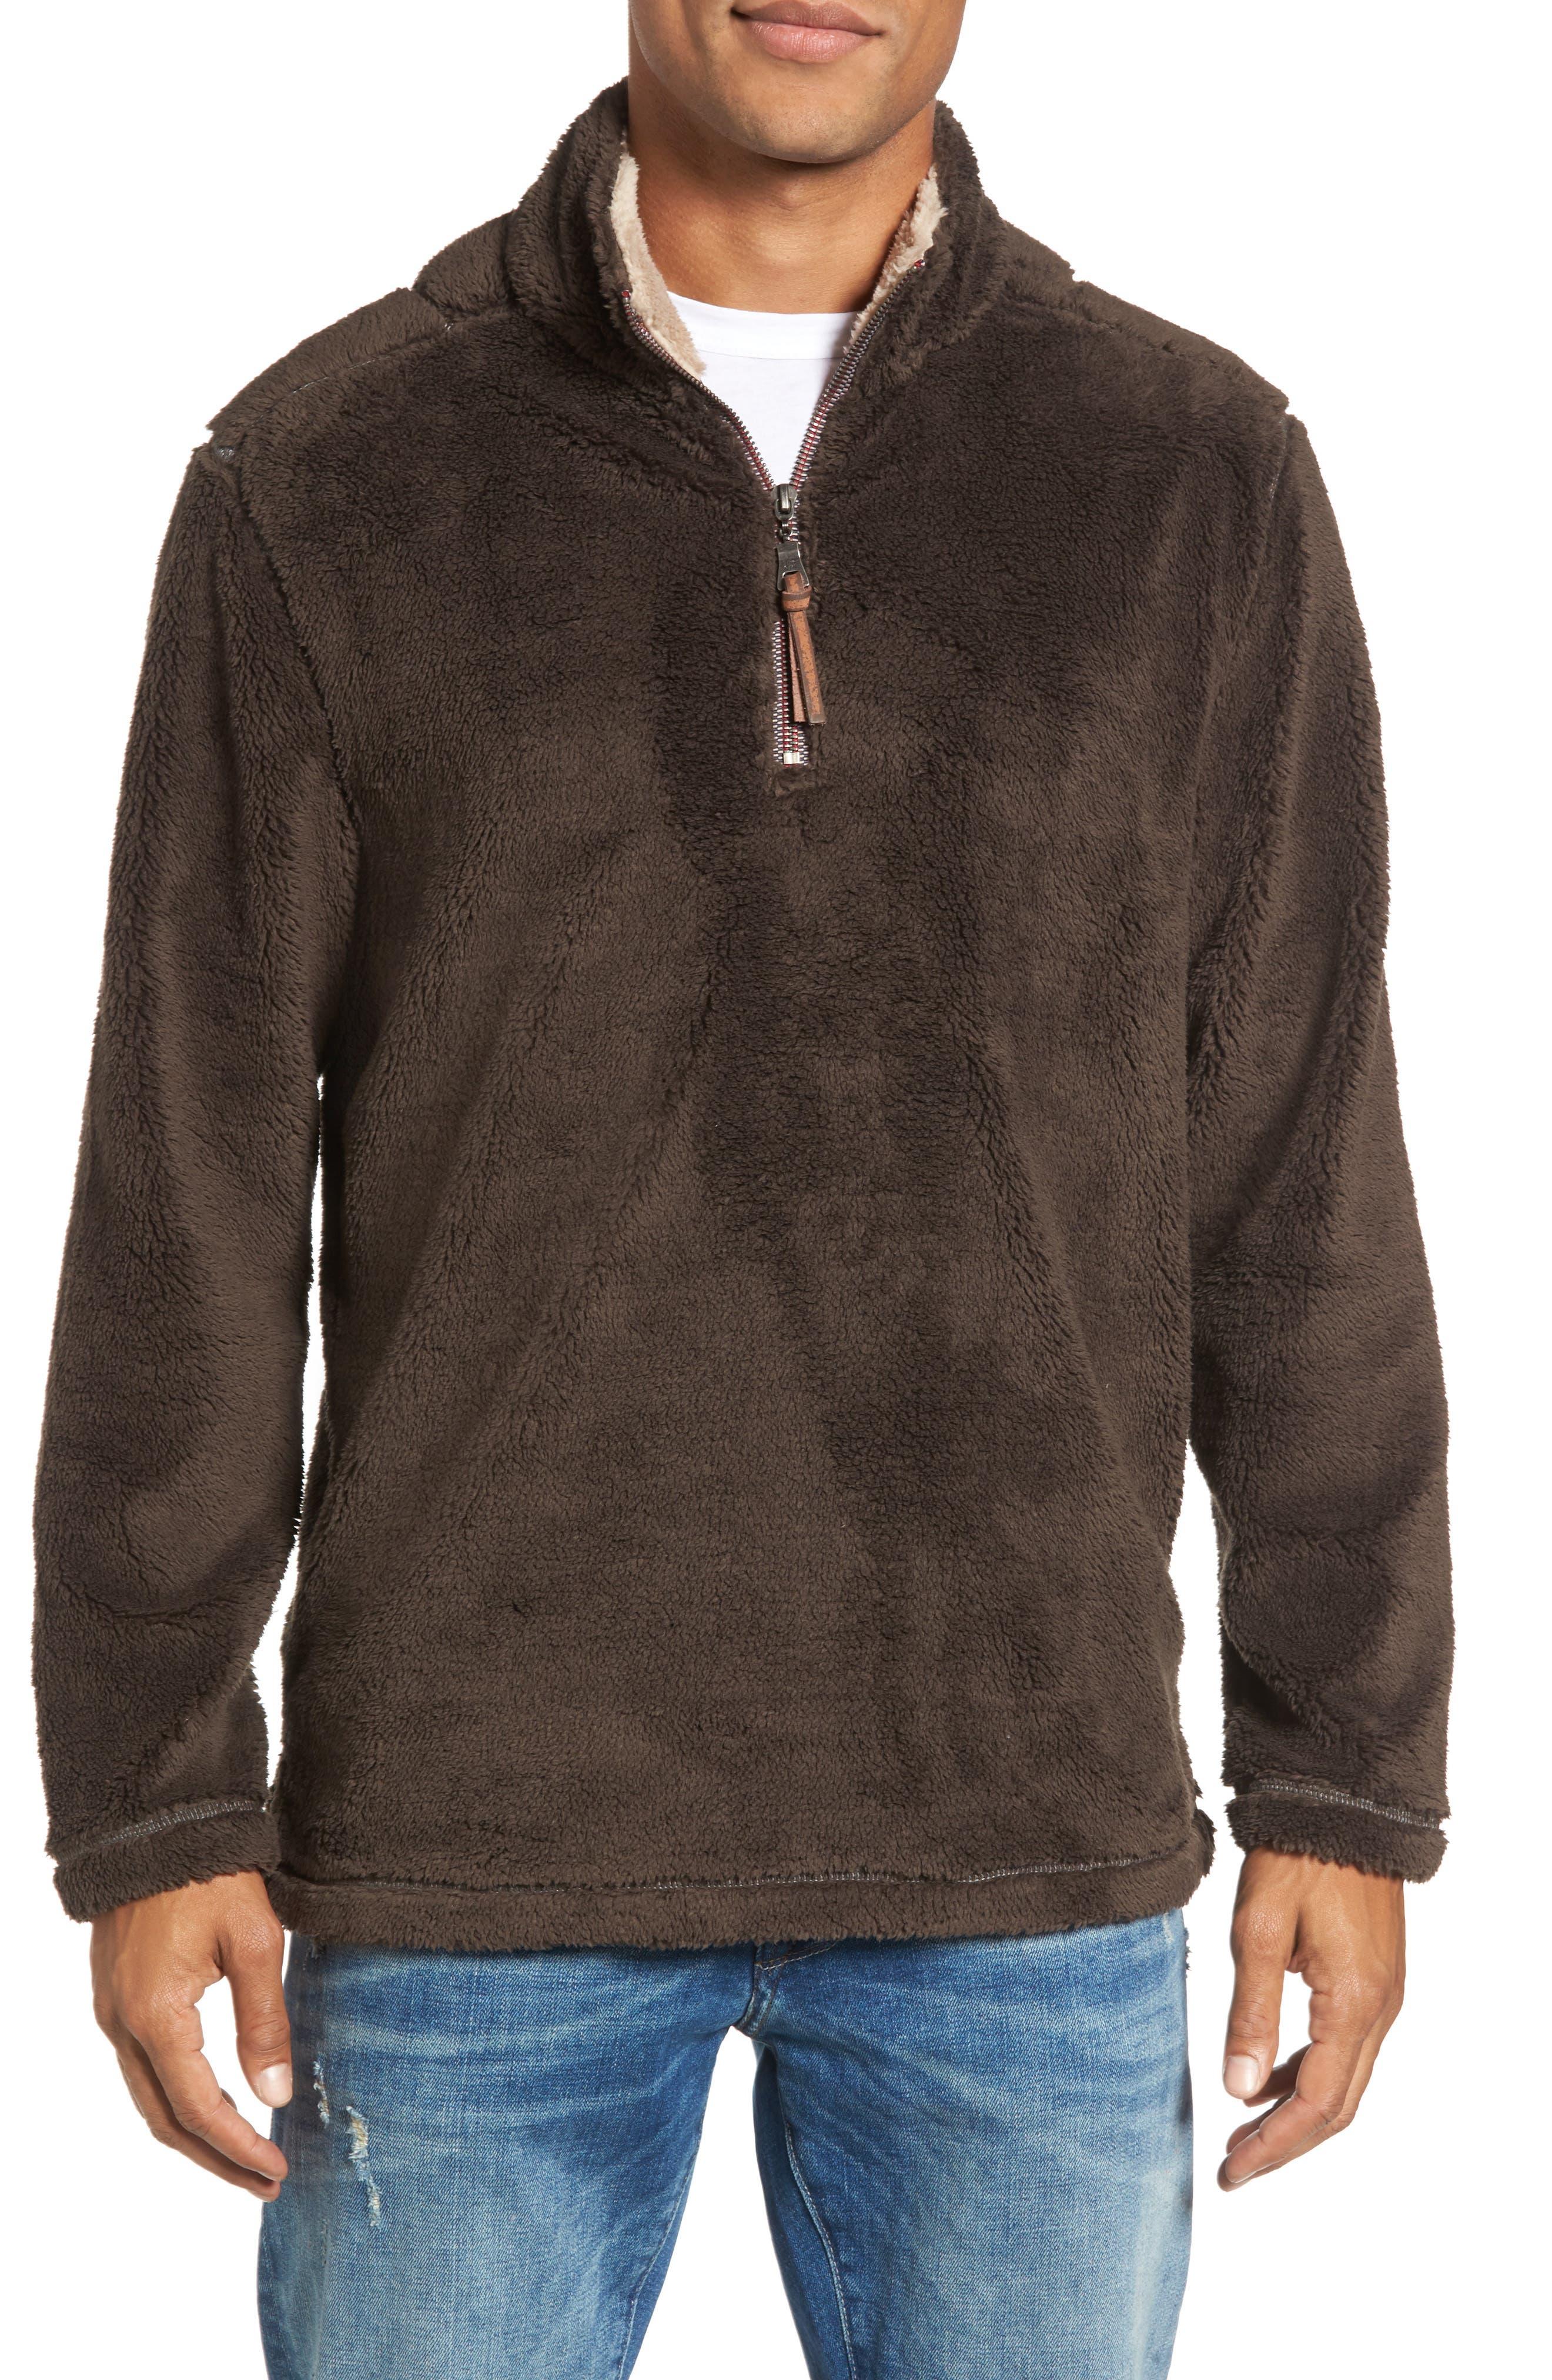 Pebble Pile Quarter Zip Pullover,                             Main thumbnail 1, color,                             VINTAGE BR